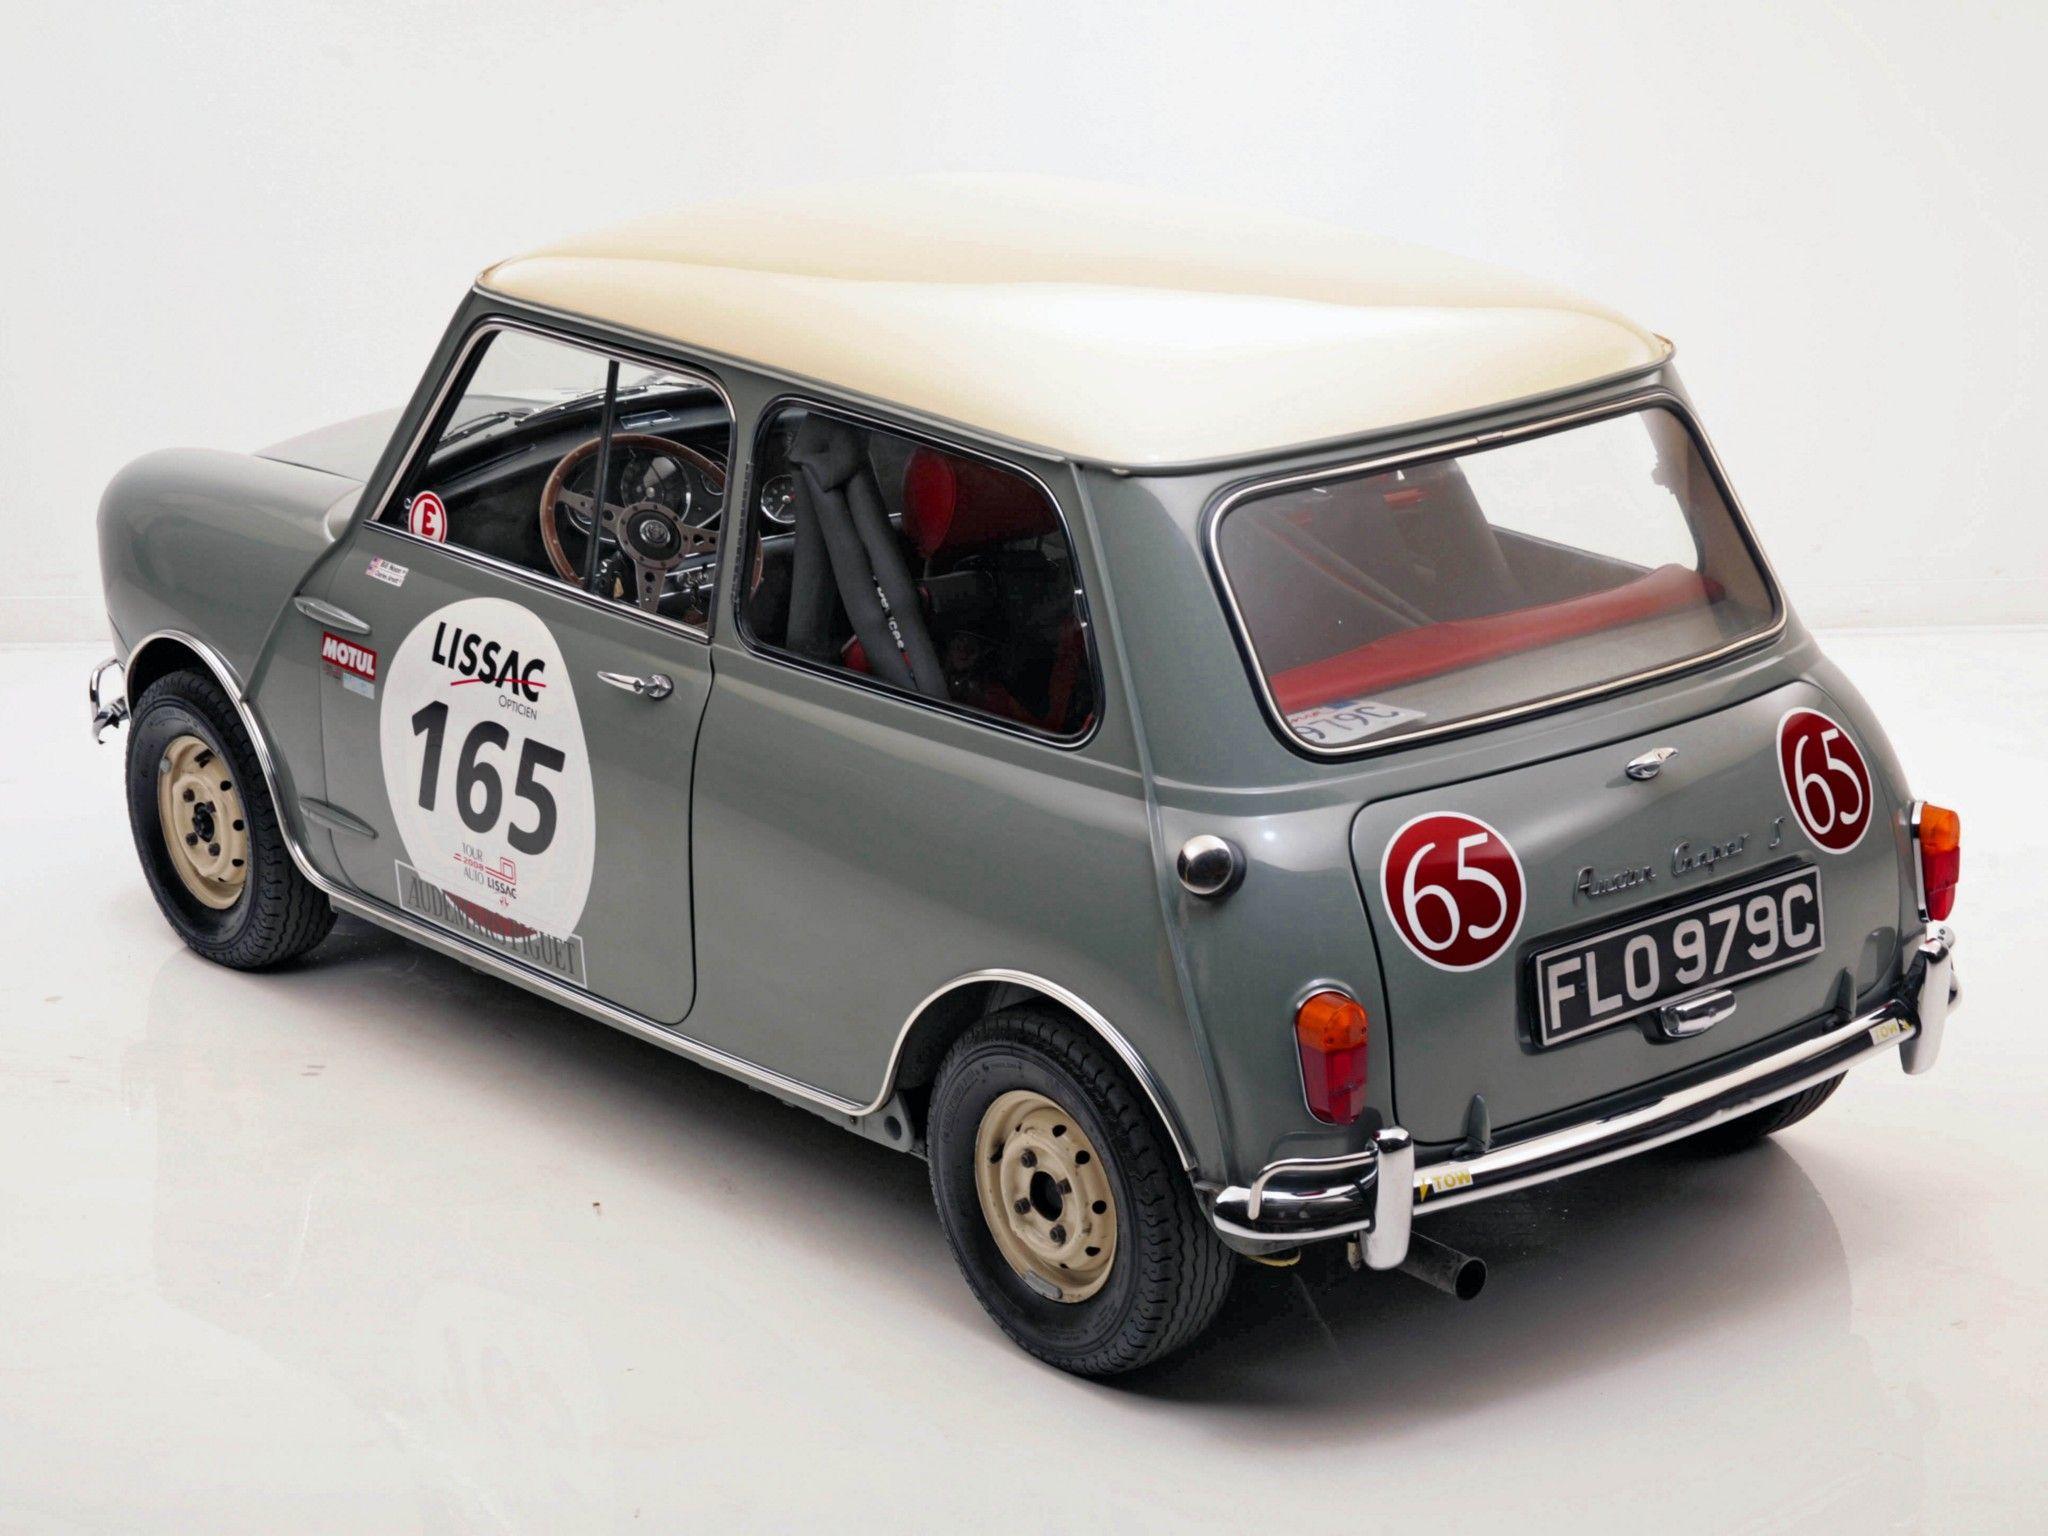 1964 68 austin mini cooper s rally mini mini cooper s rover mini cooper mini cooper classic. Black Bedroom Furniture Sets. Home Design Ideas